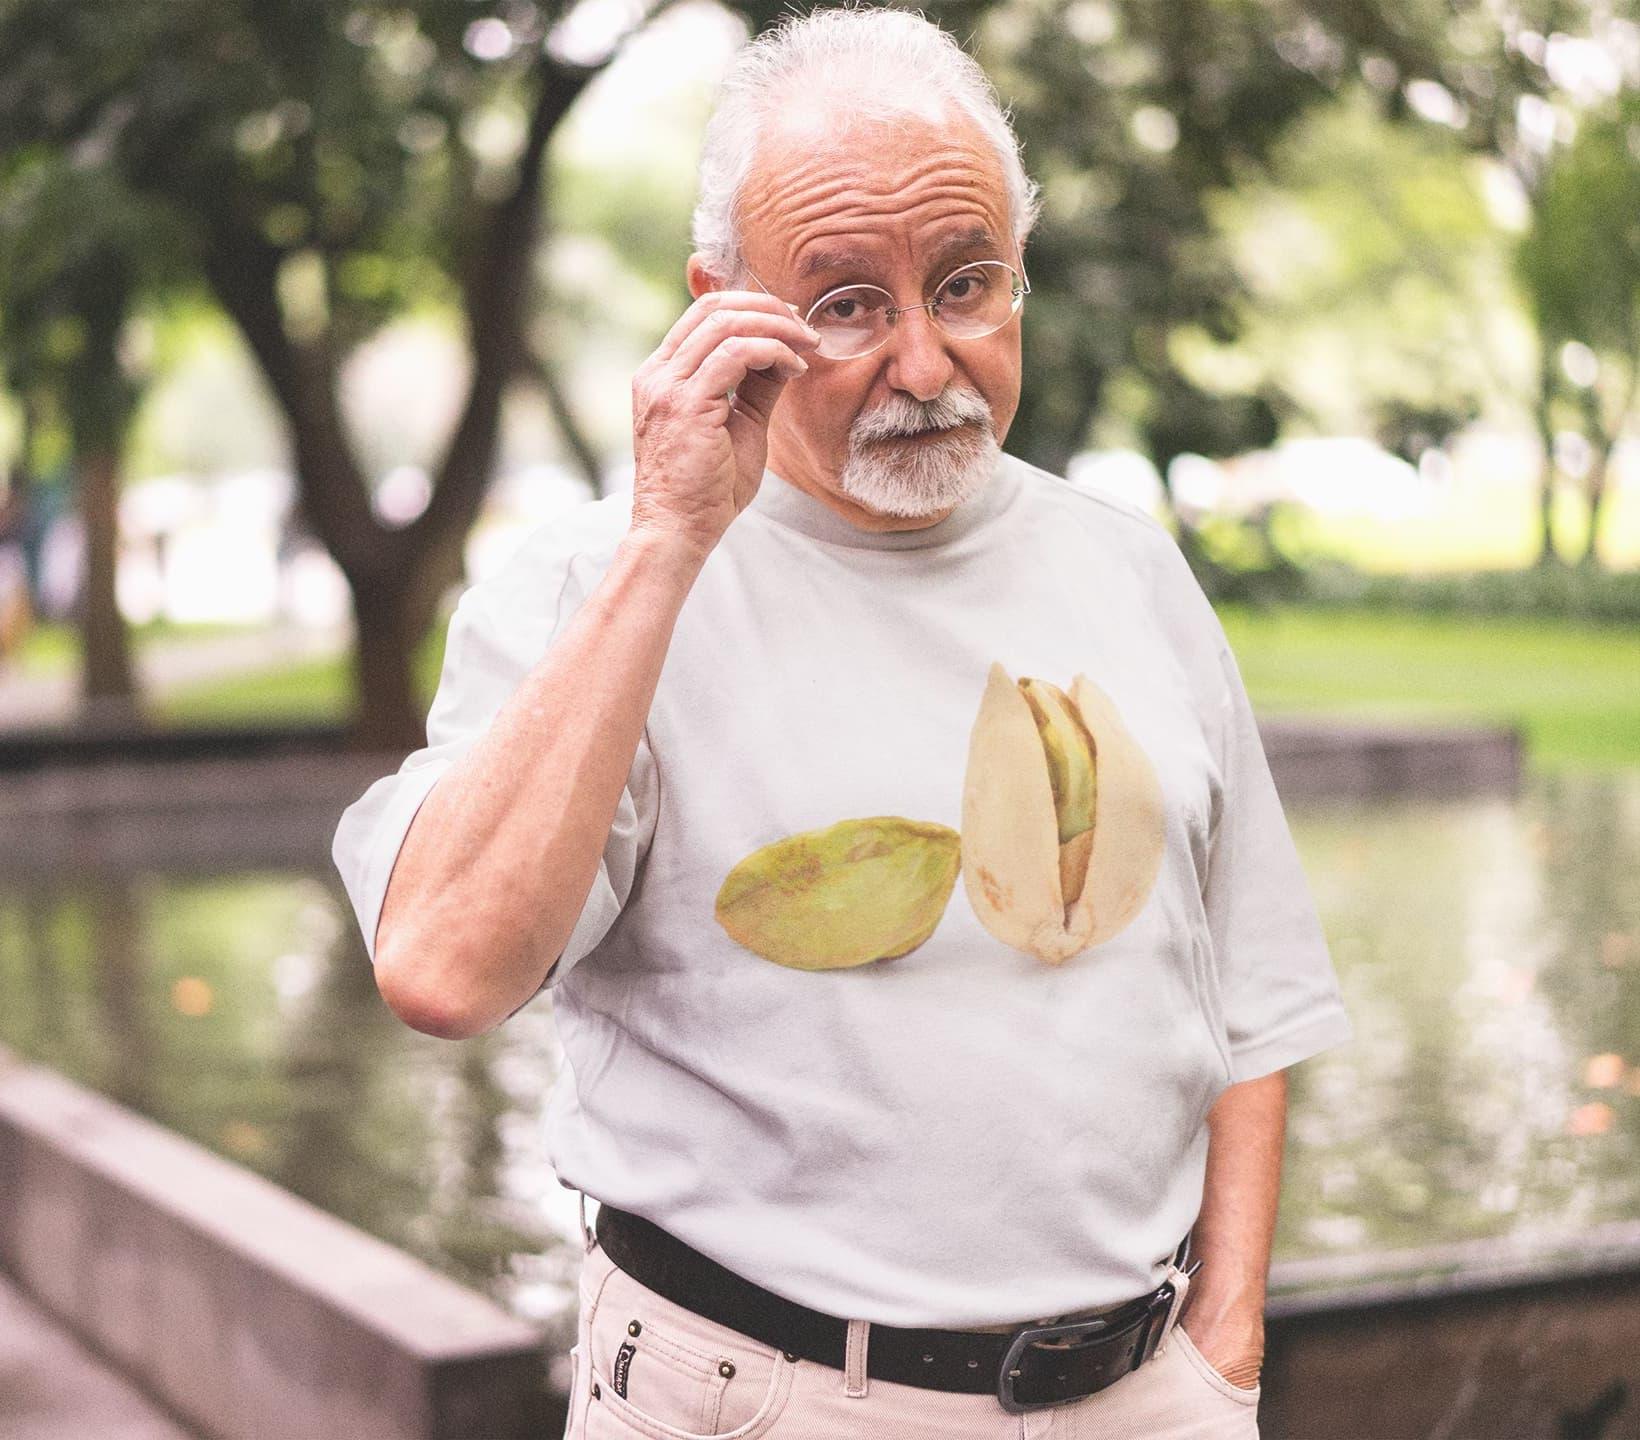 best pistachio pranker